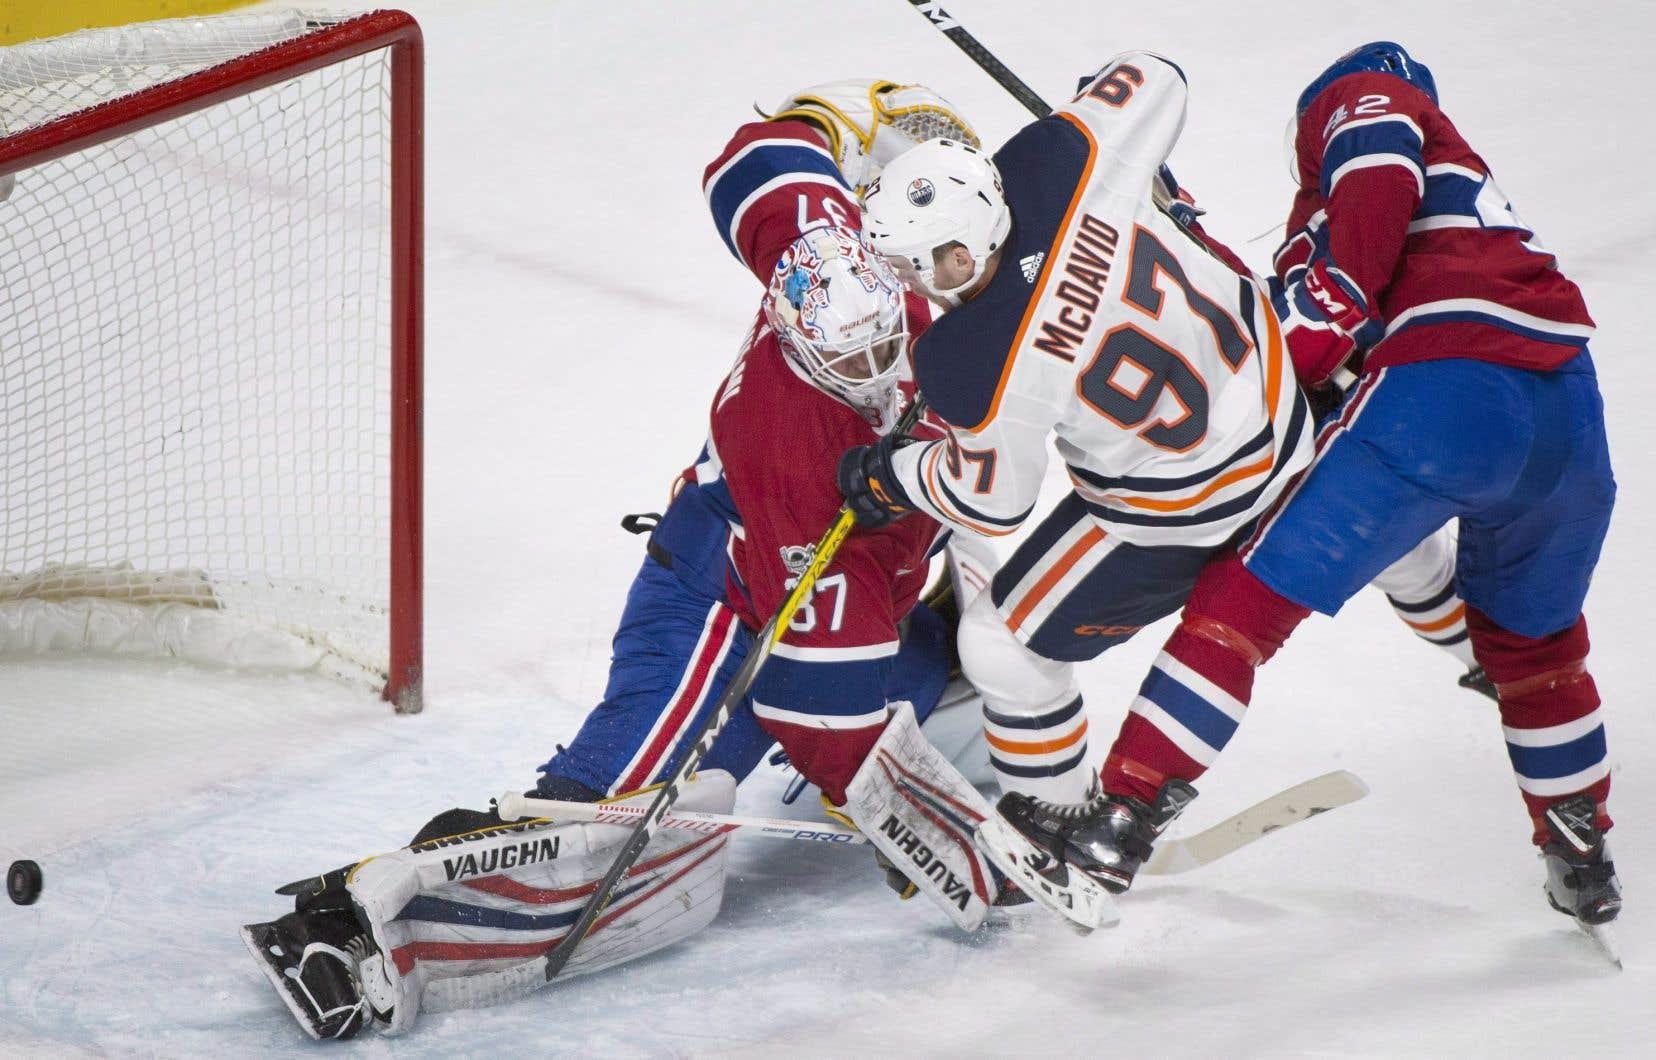 Le Canadien s'est incliné 6-2 contre les Oilers, samedi dernier, au Centre Bell.